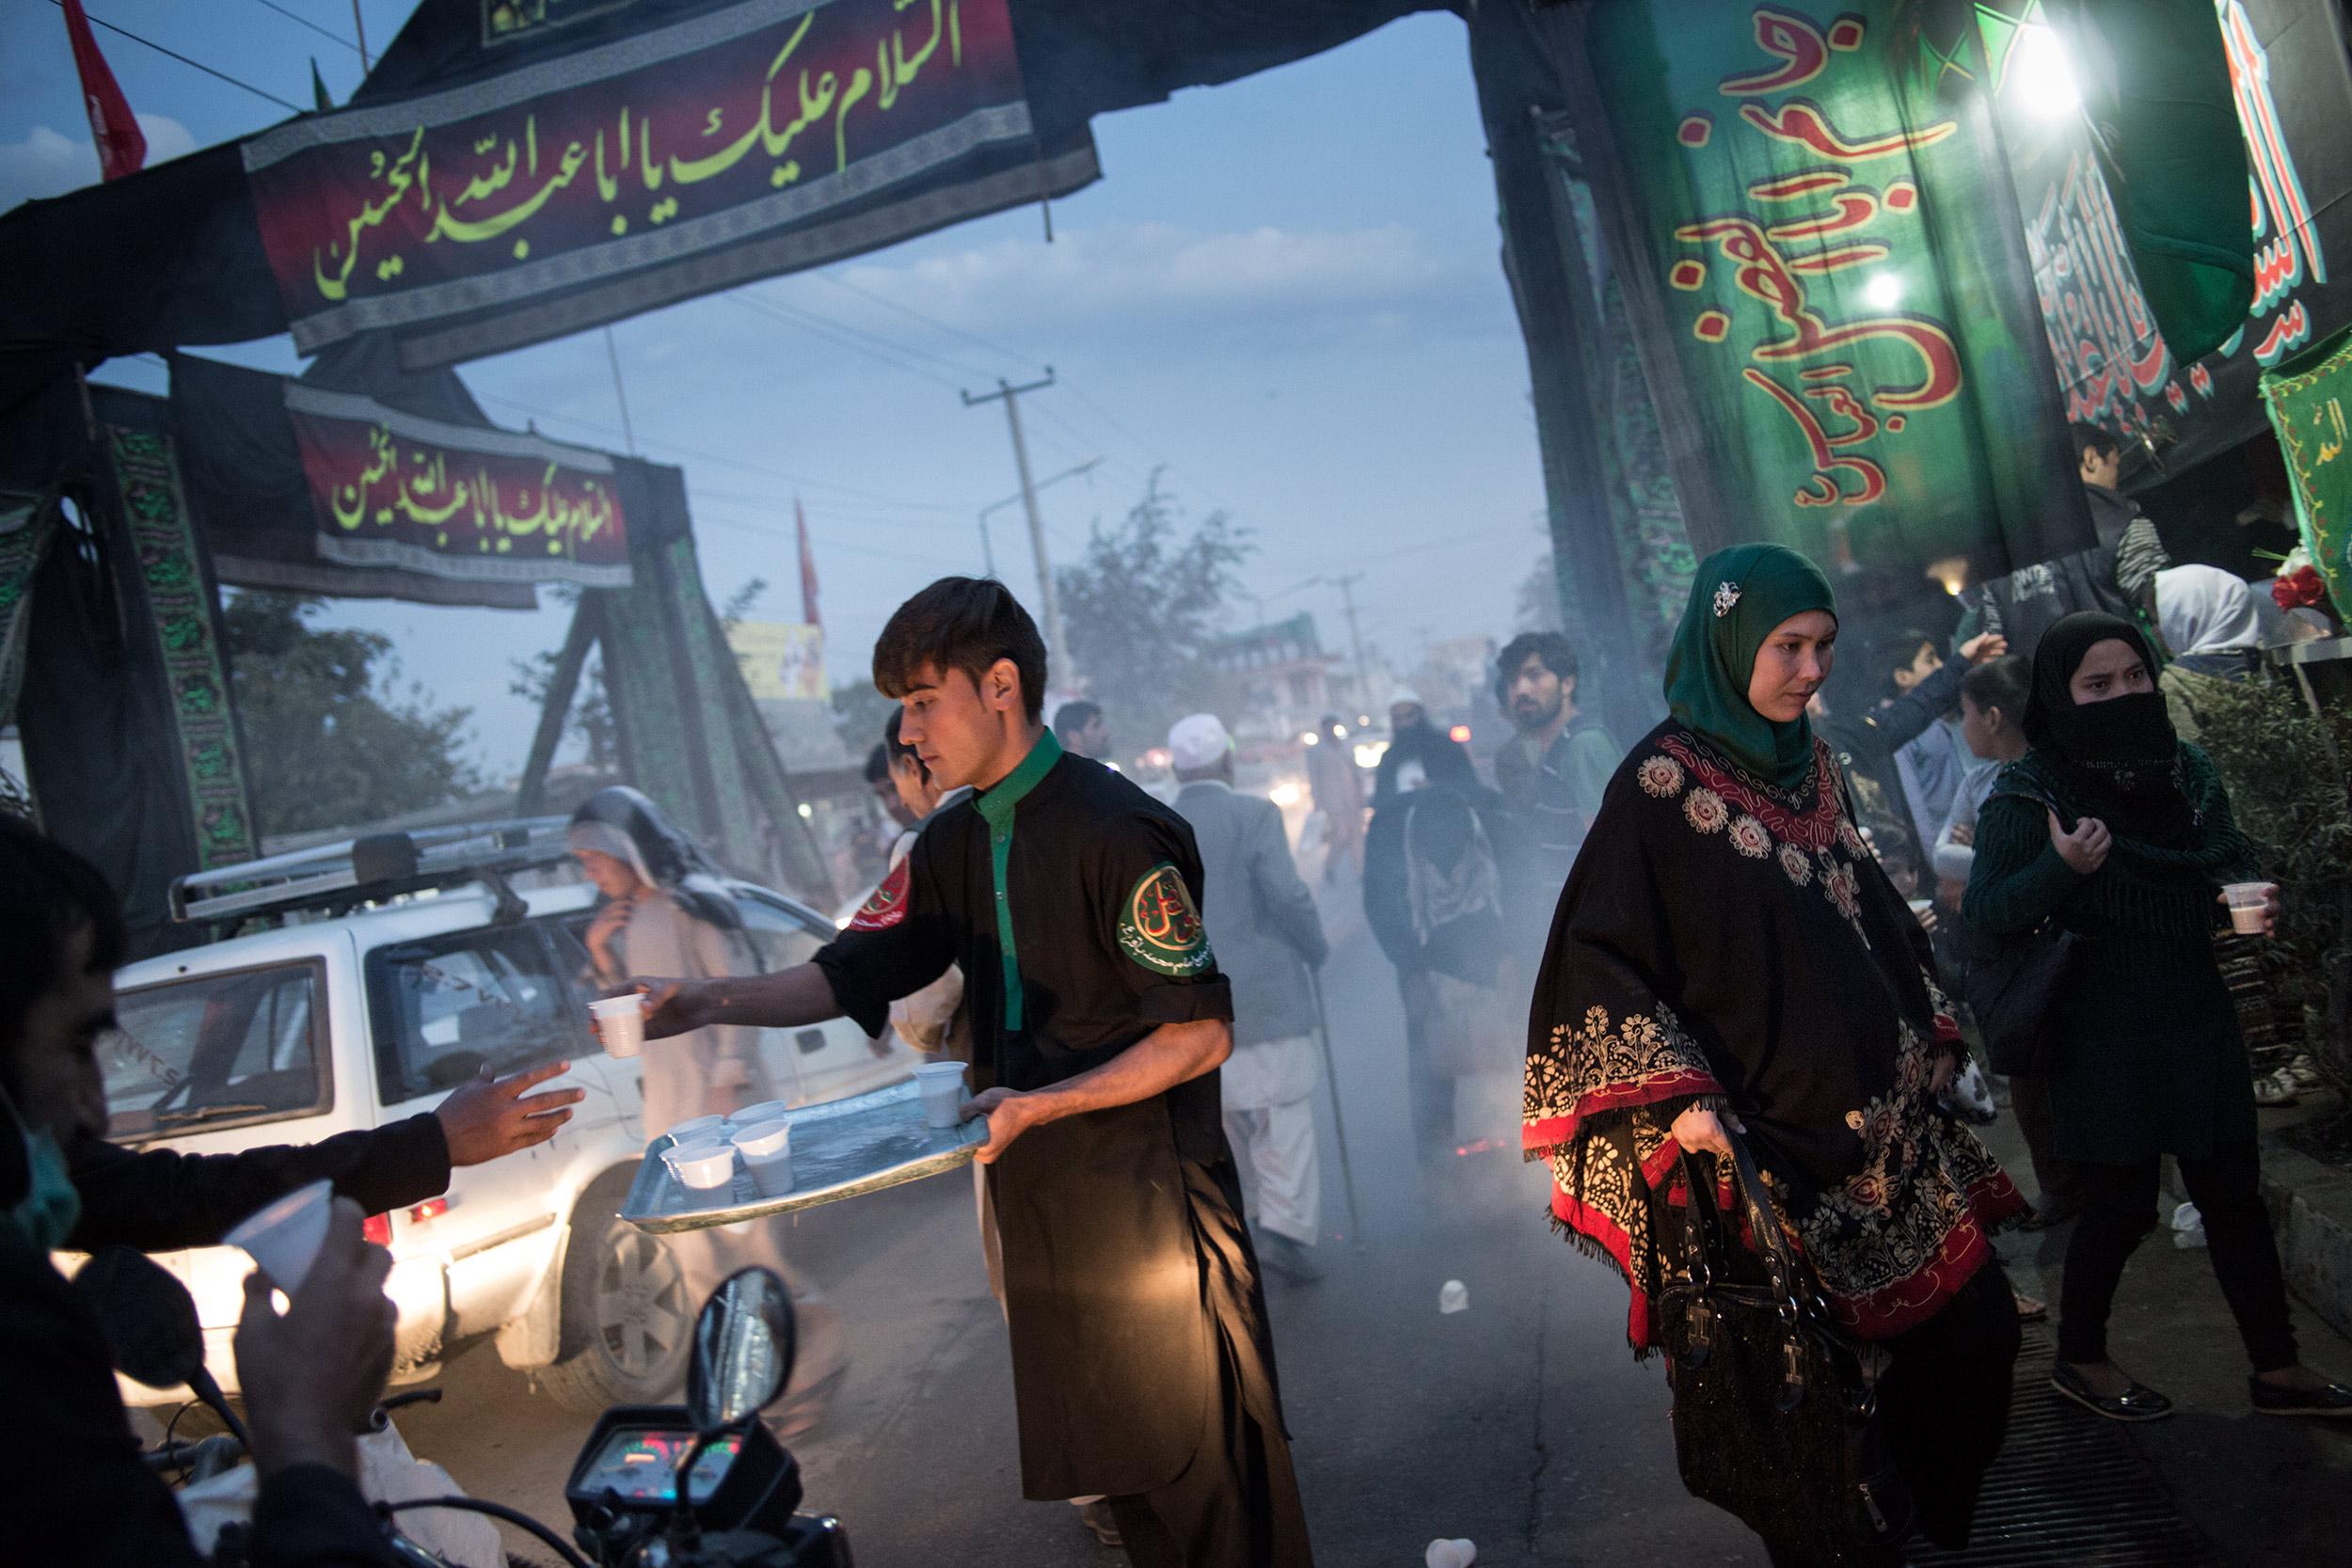 Afghanistan, October 22, 2015